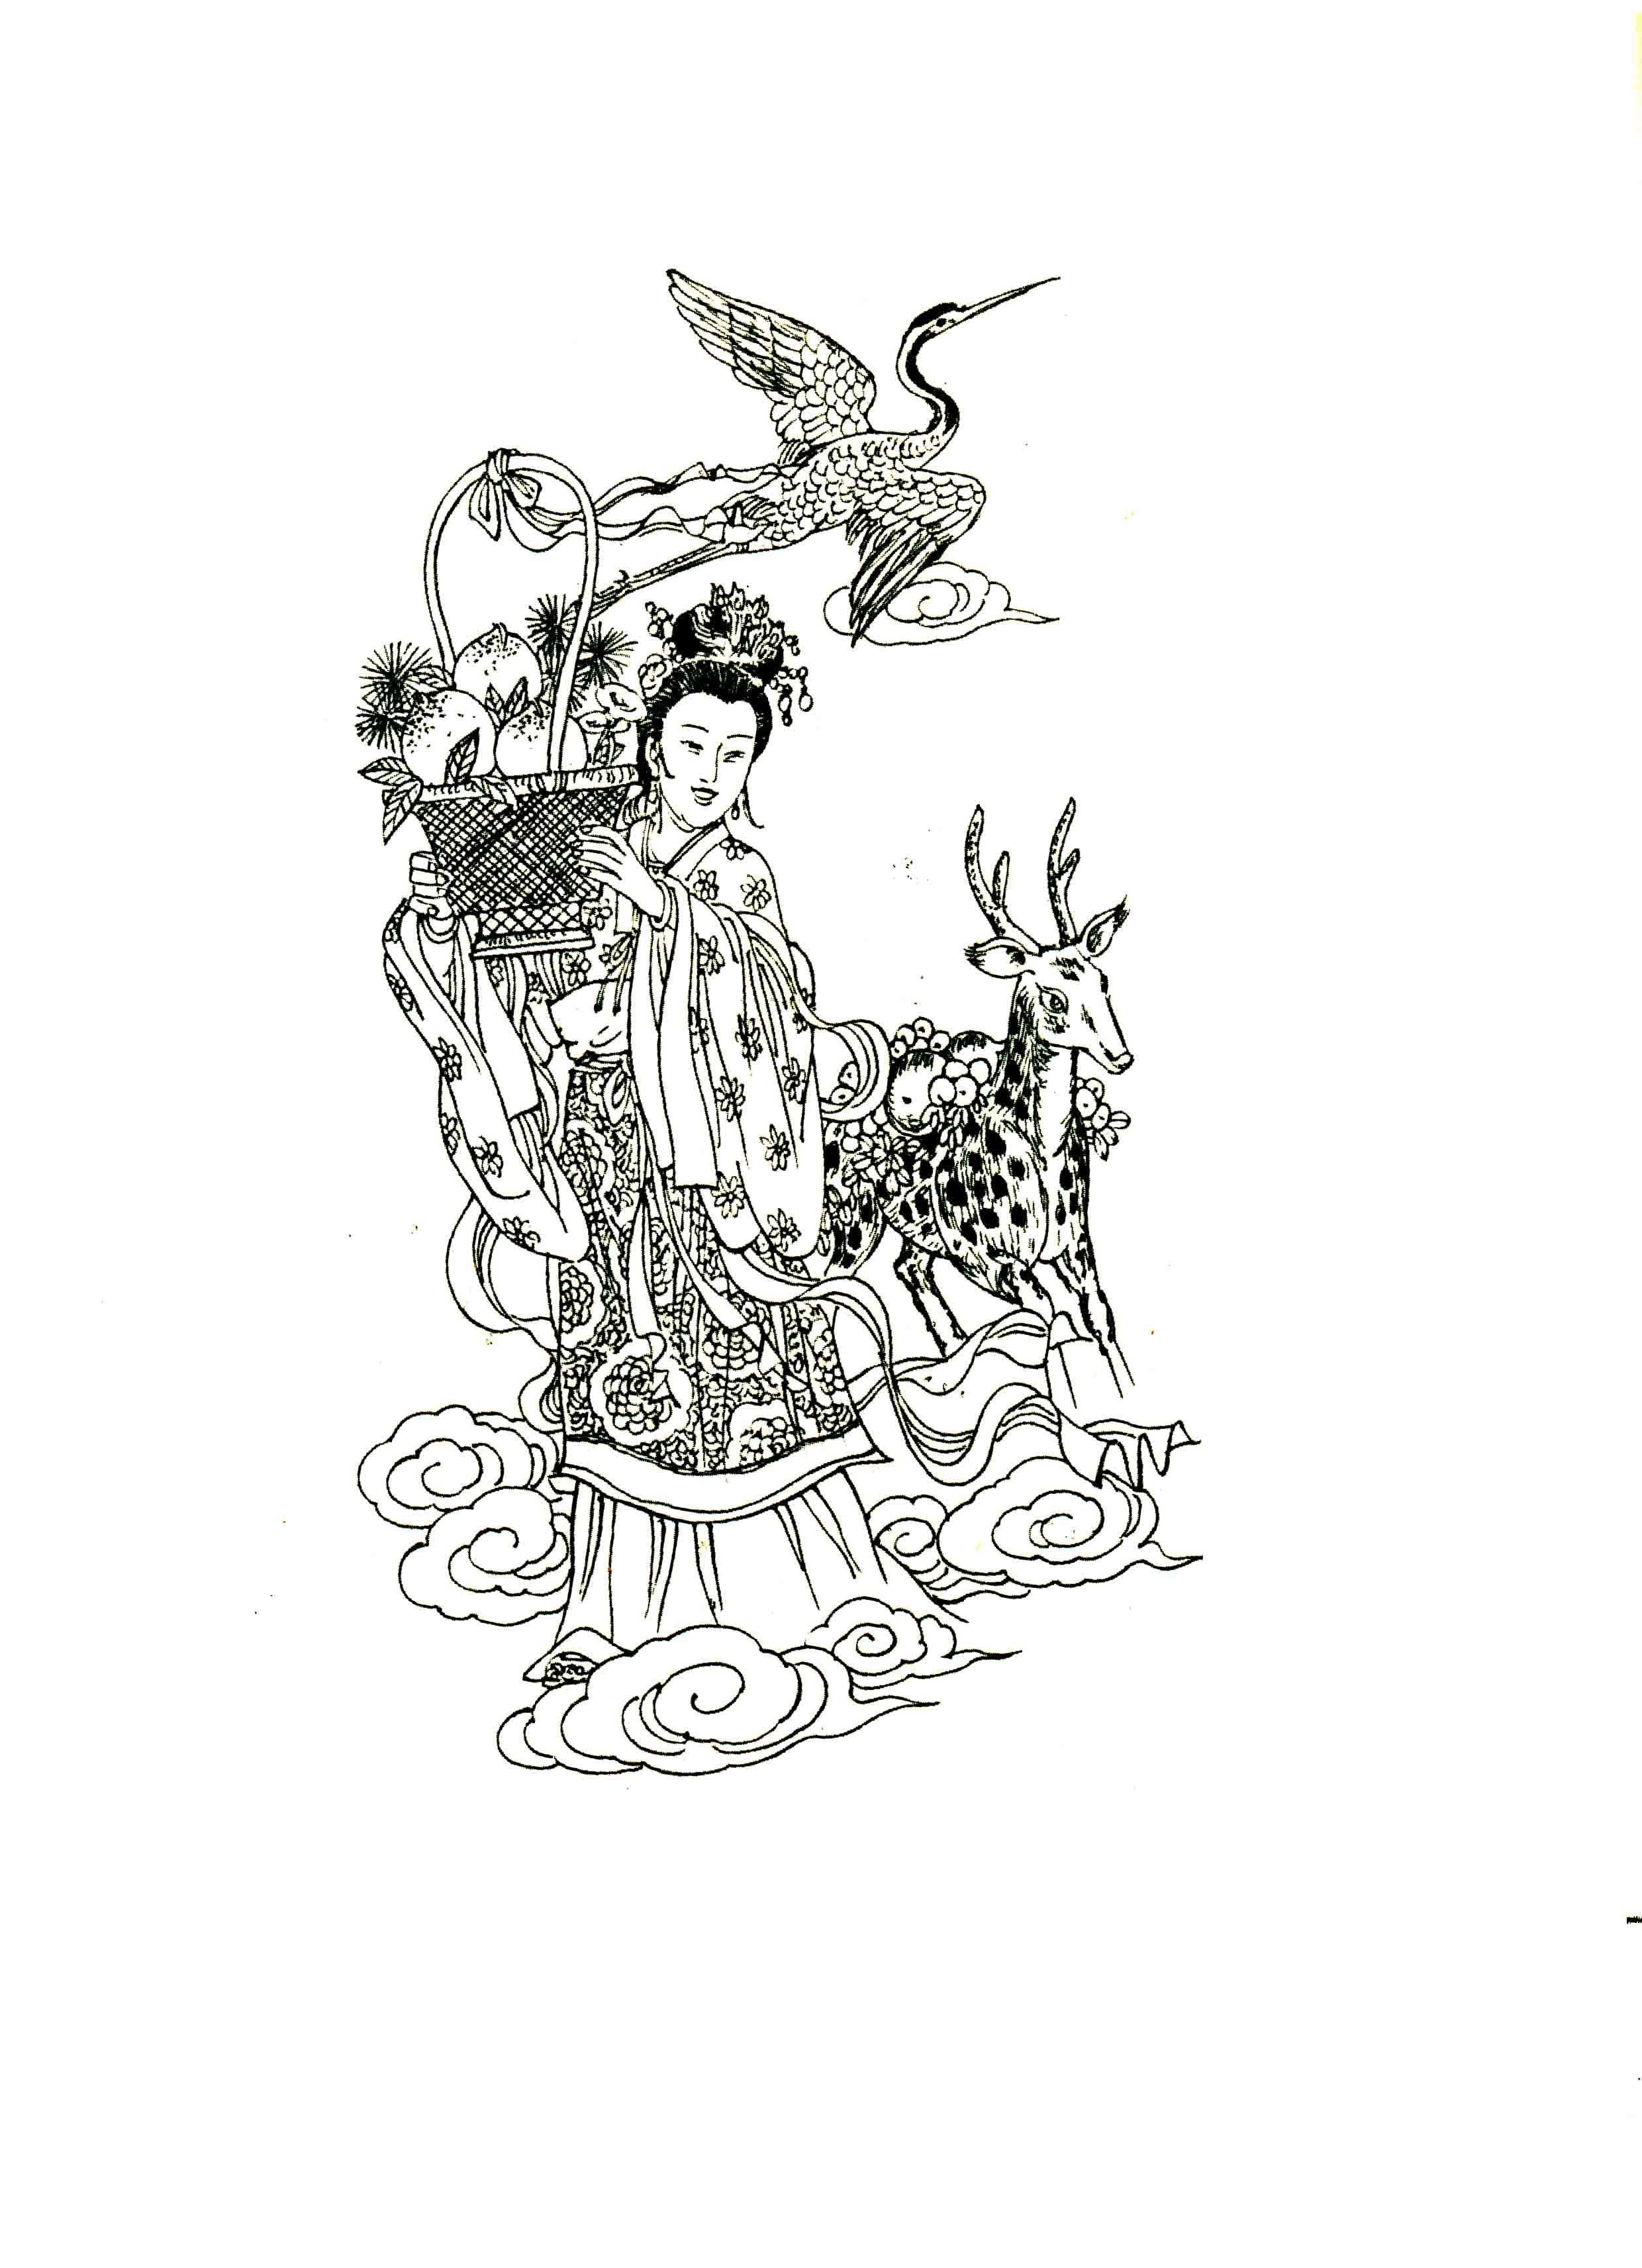 请把仙鹤去掉,裙子改个花纹样式,最好上上彩色谢谢